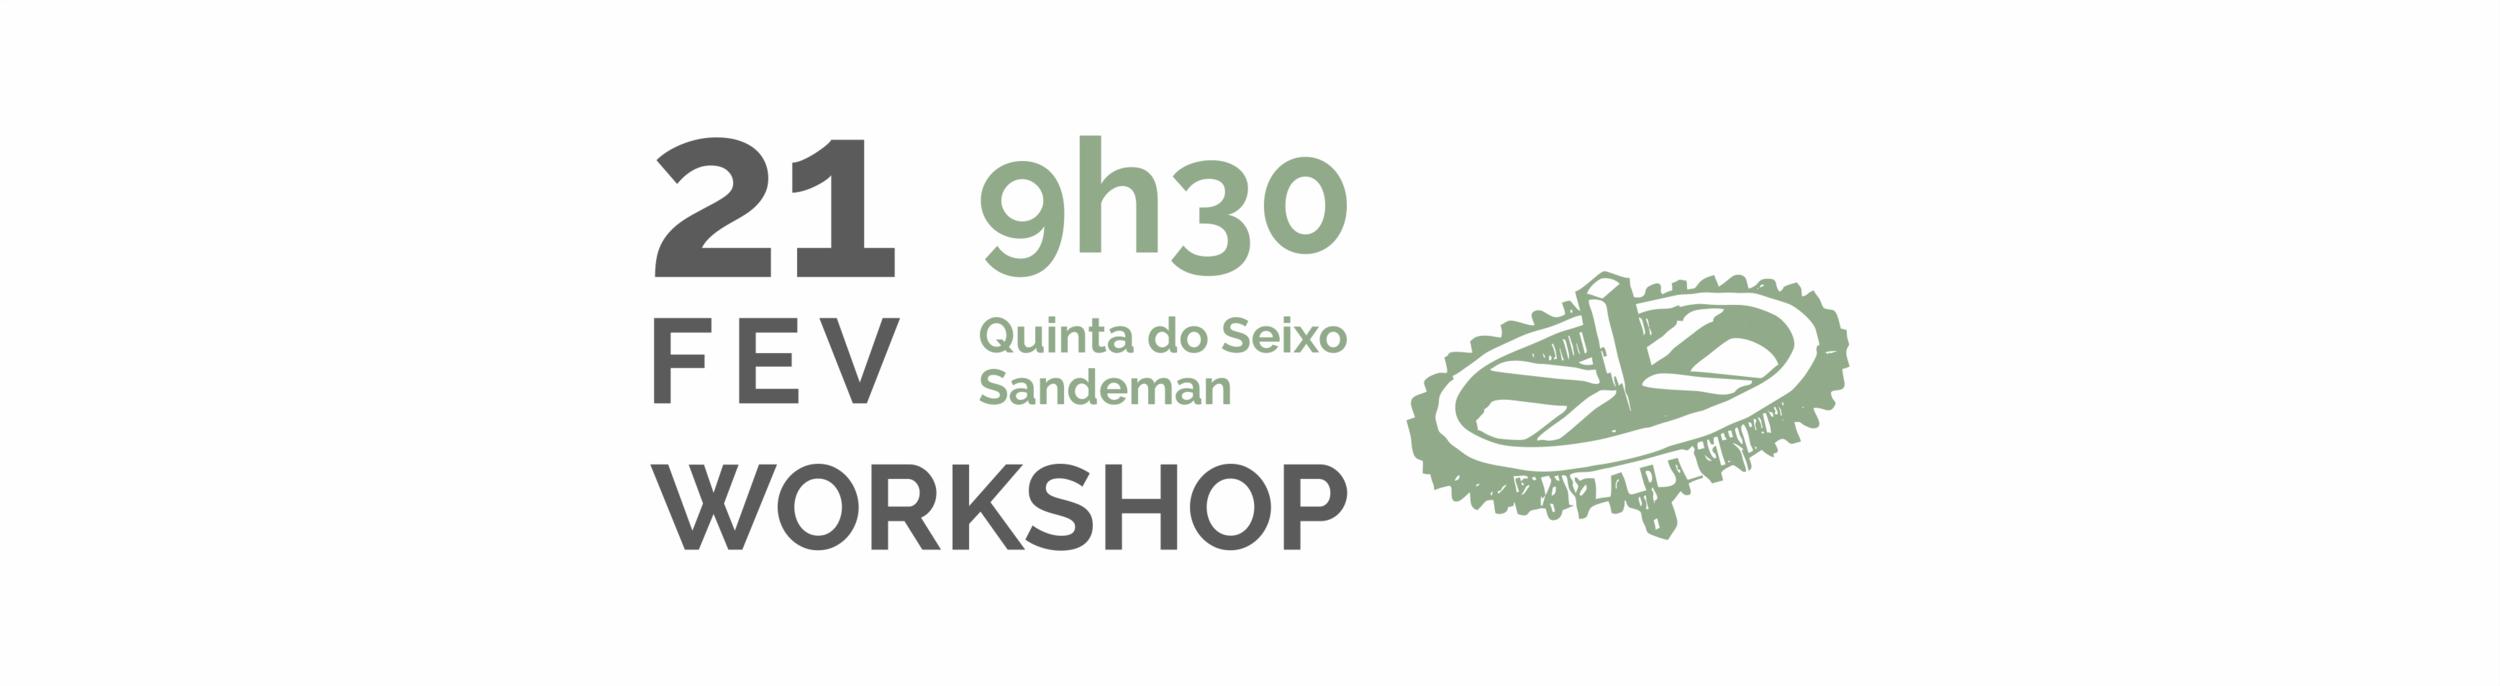 cabeçalho-workshop-site.png